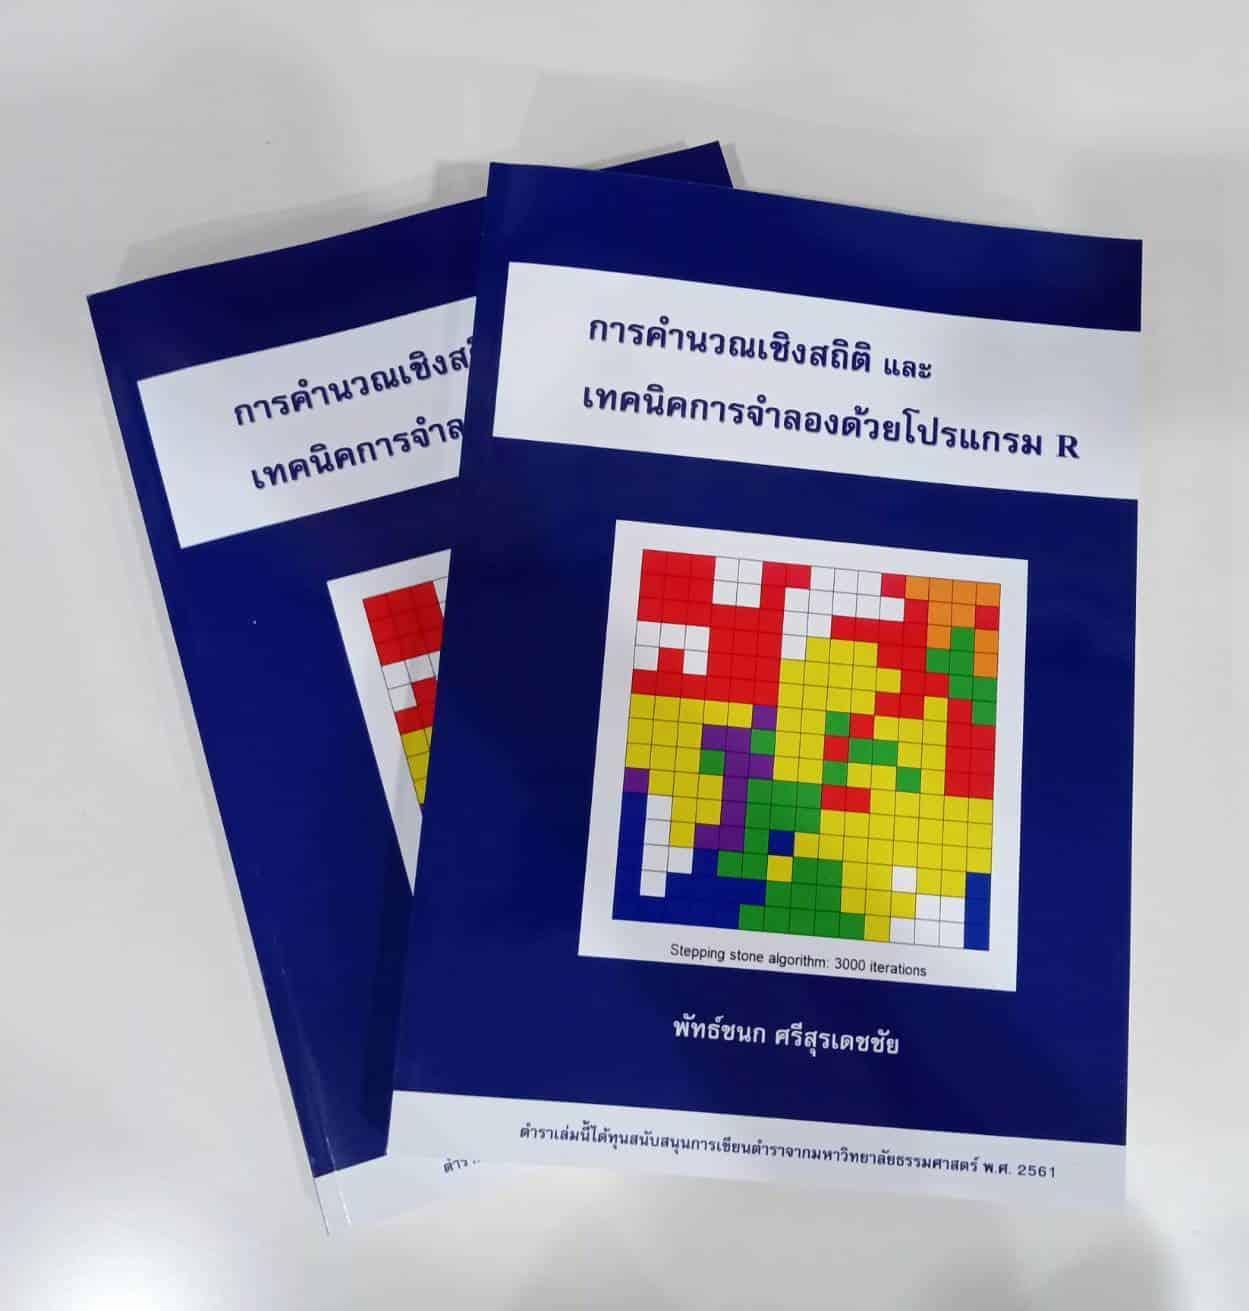 296578 - ตัวอย่างงานพิมพ์หนังสือ การคำนวณเชิงสถิติและเทคนิคการจำลองด้วยโปรแกรม R